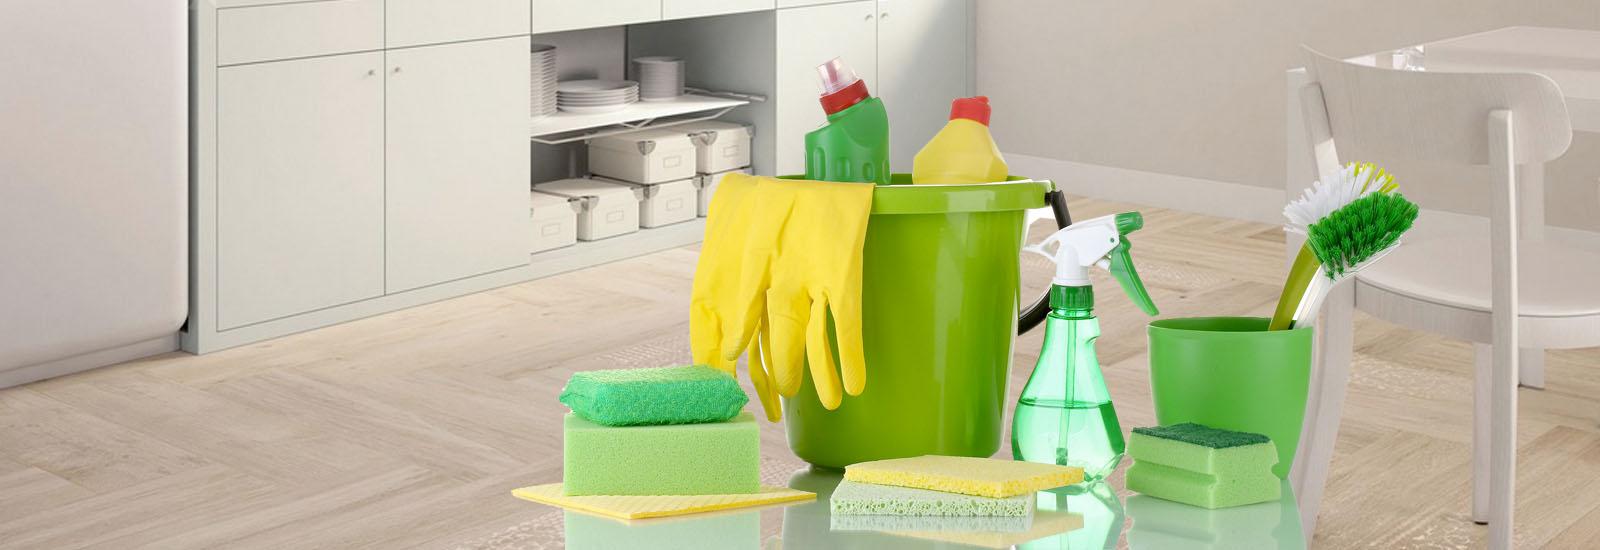 شركة المثالية للتنظيف بالجبيل  0550091502 1-2